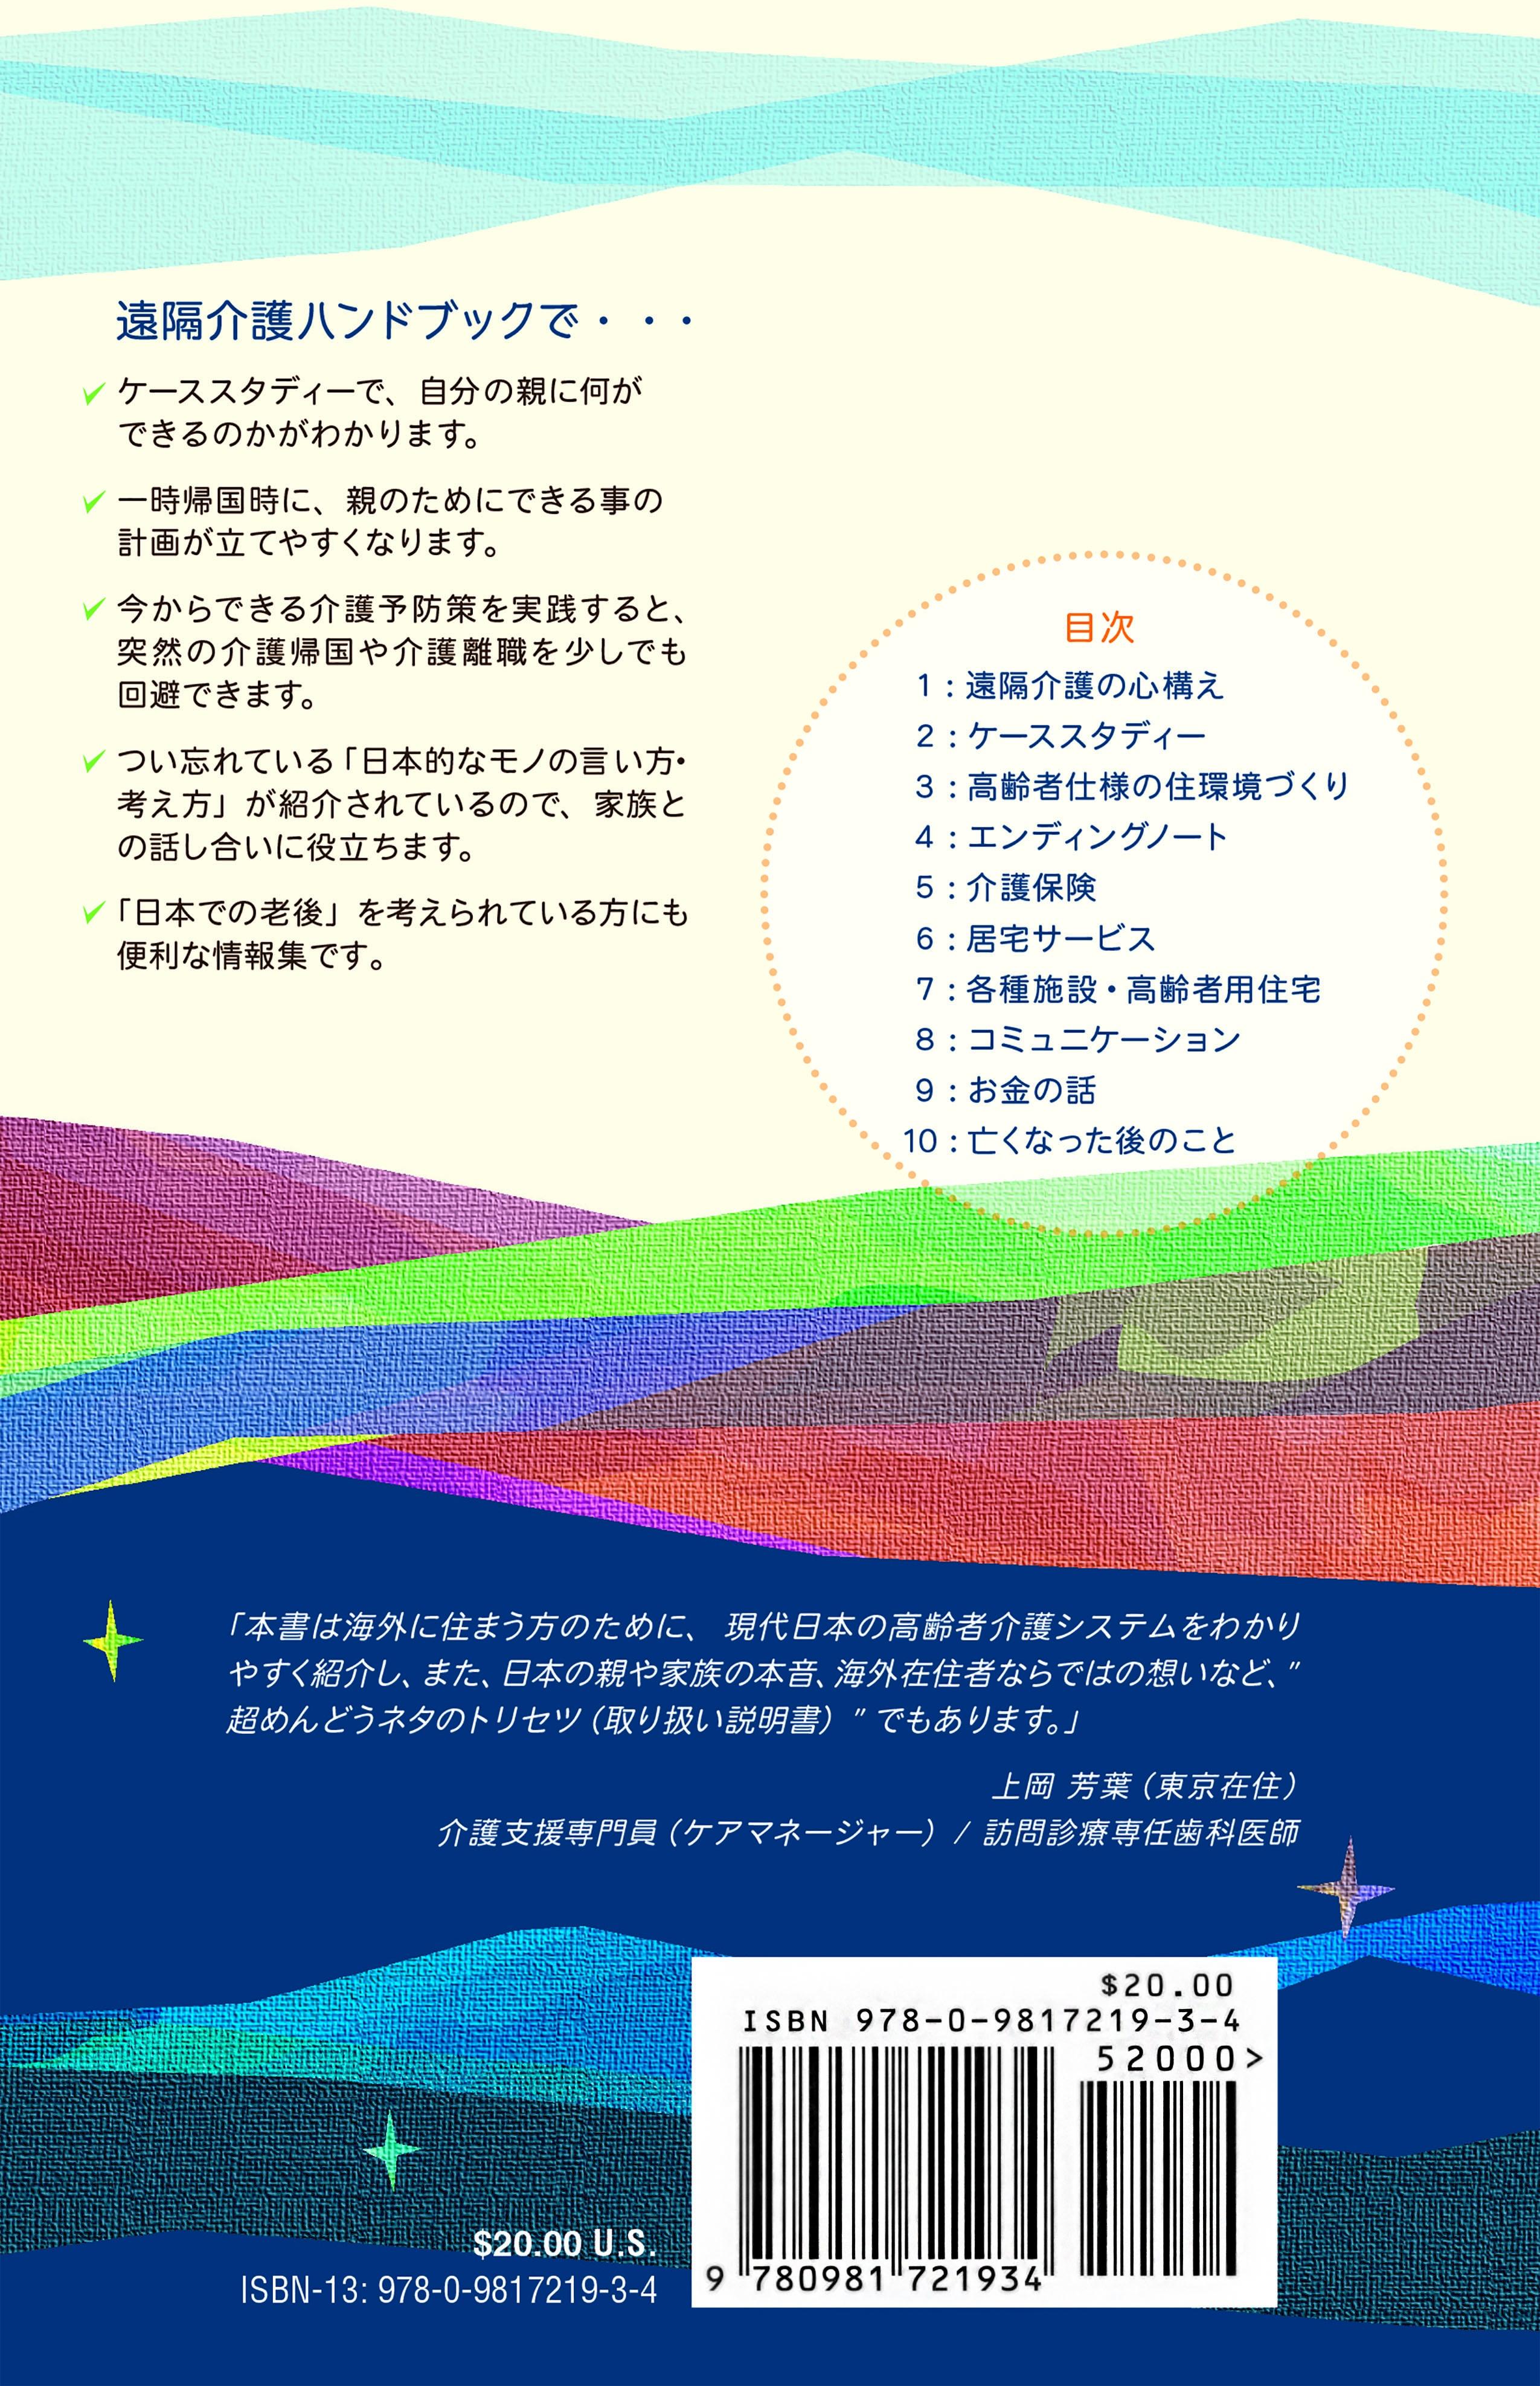 https://0201.nccdn.net/4_2/000/000/017/e75/poster-backcover-2550x3950.jpg